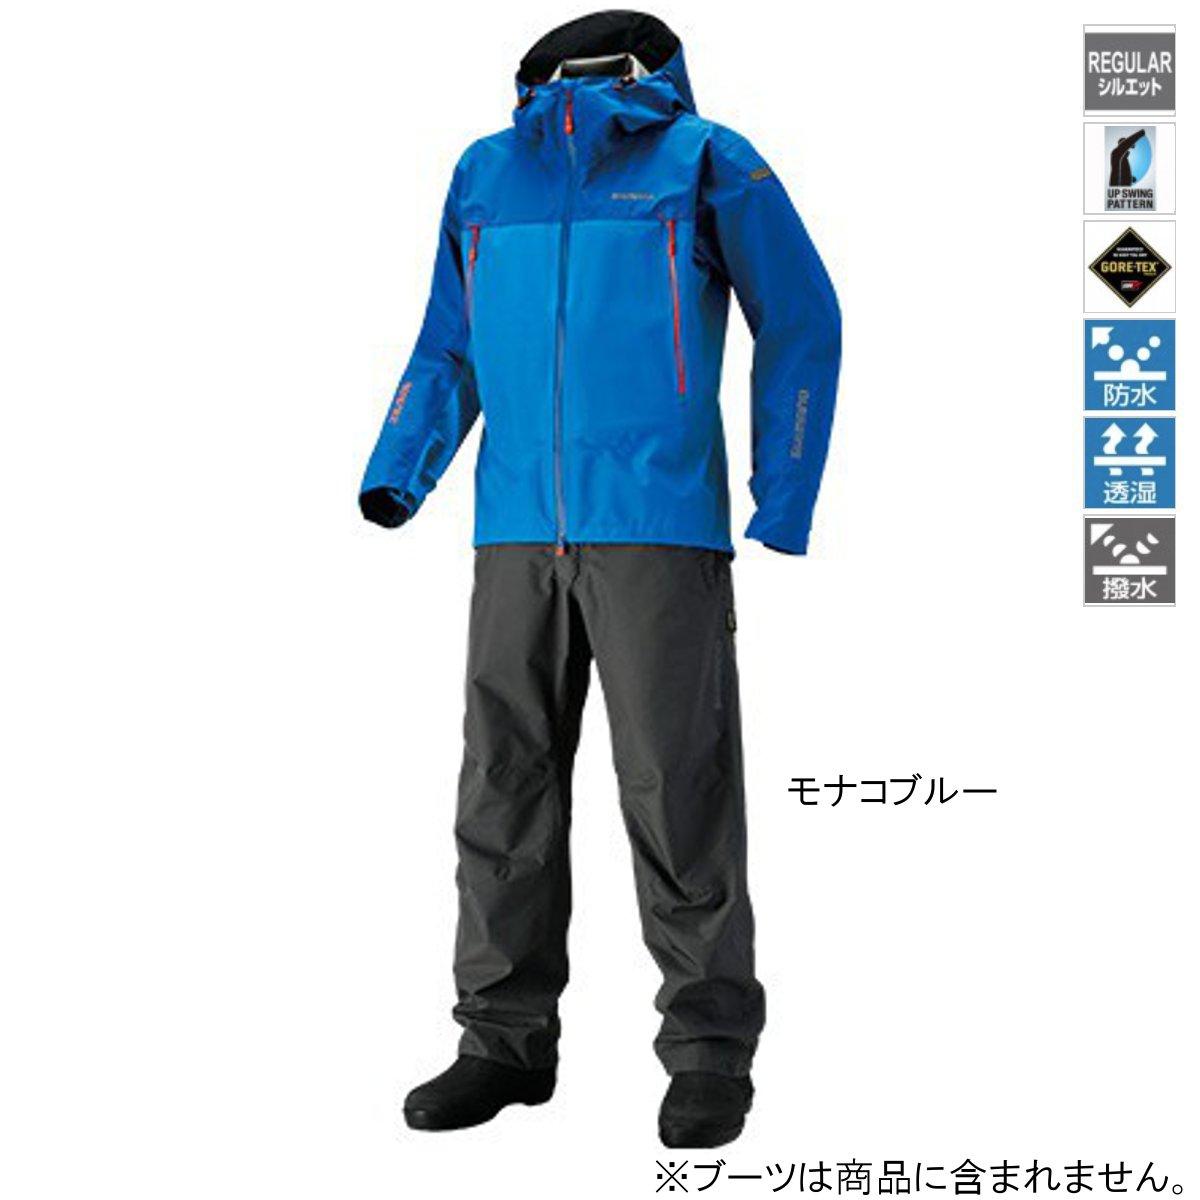 シマノ GORE-TEX ベーシックスーツ RA-017R M モナコブルー【送料無料】